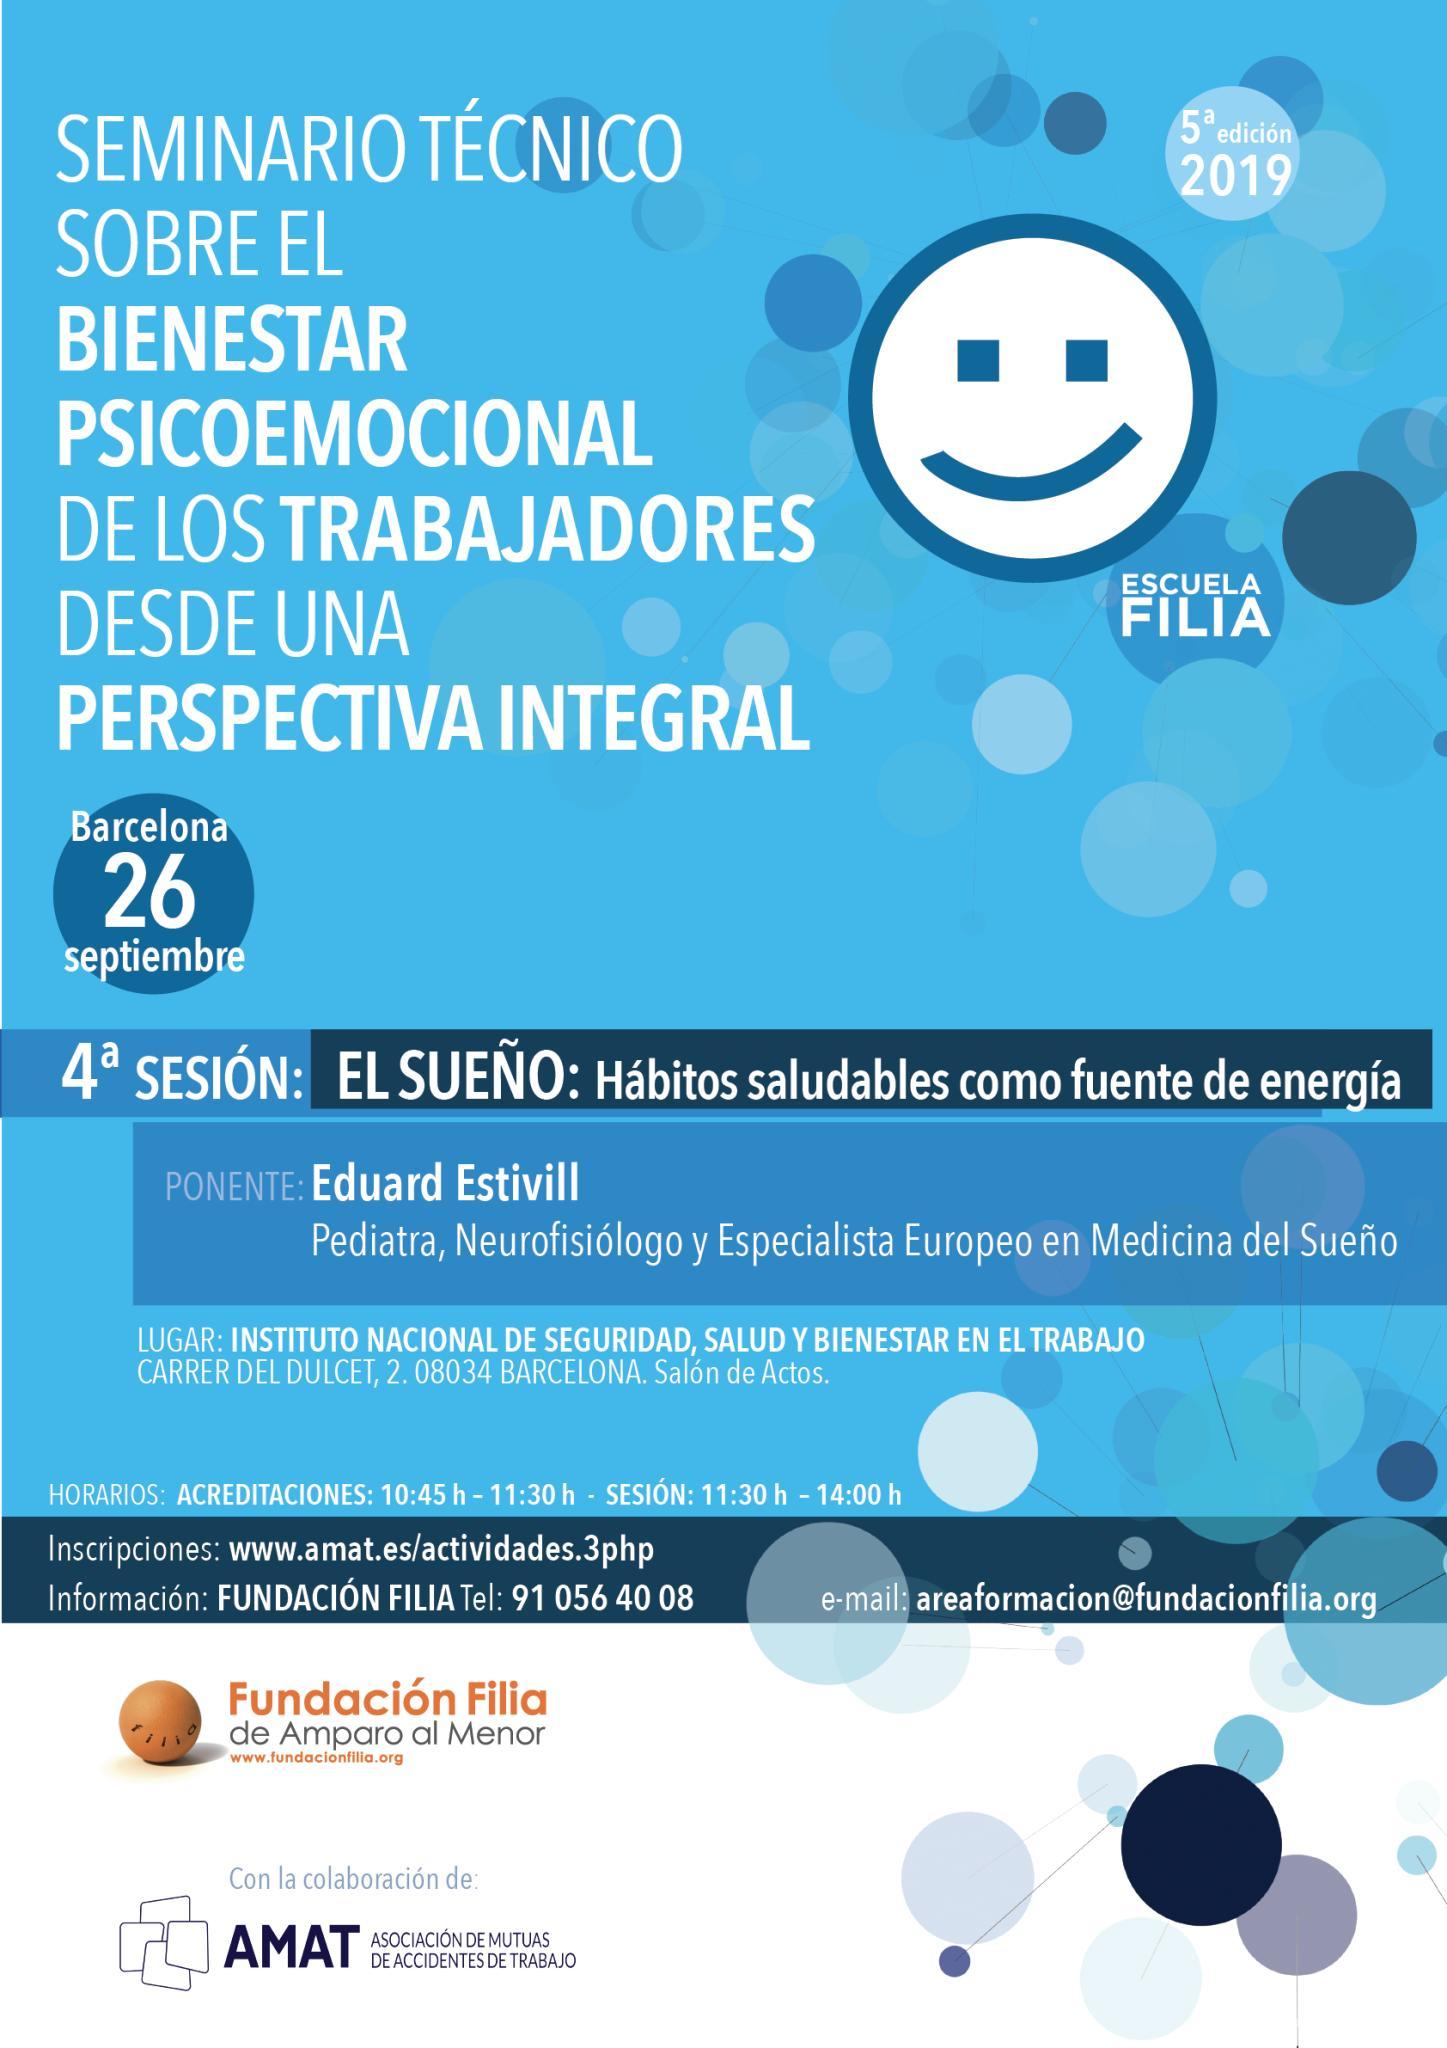 Cuarta sesión del Ciclo Bienestar Psicoemocional de Los Trabajadores de Escuela Filia de Resolución de Conflictos con Eduard Estivil